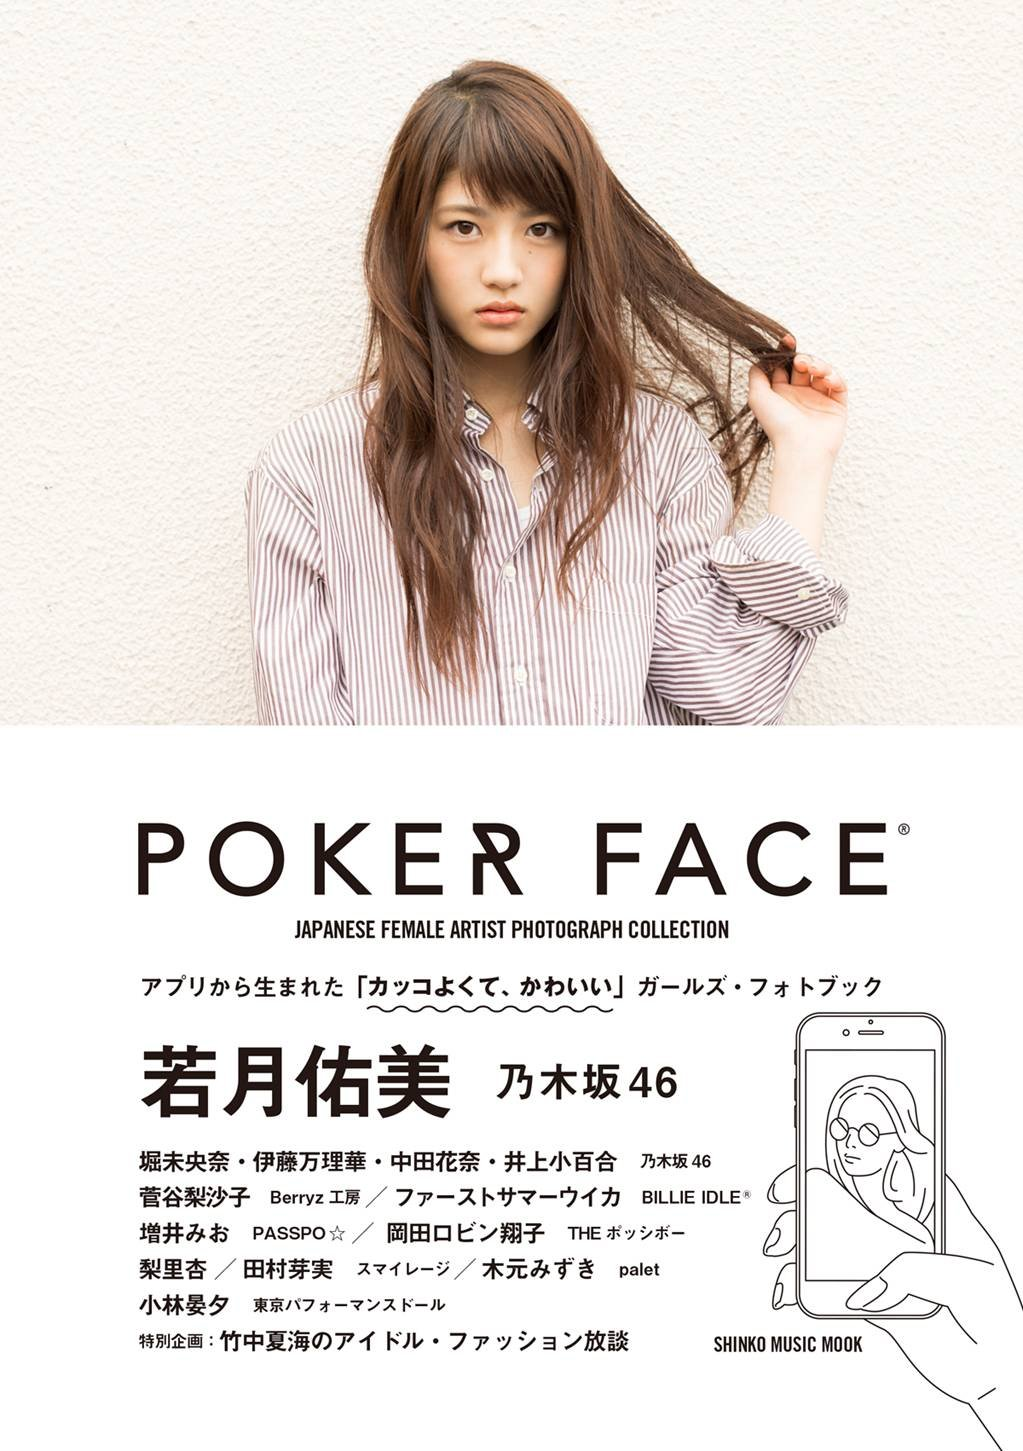 乃木坂46 若月 POKER FACE (1)